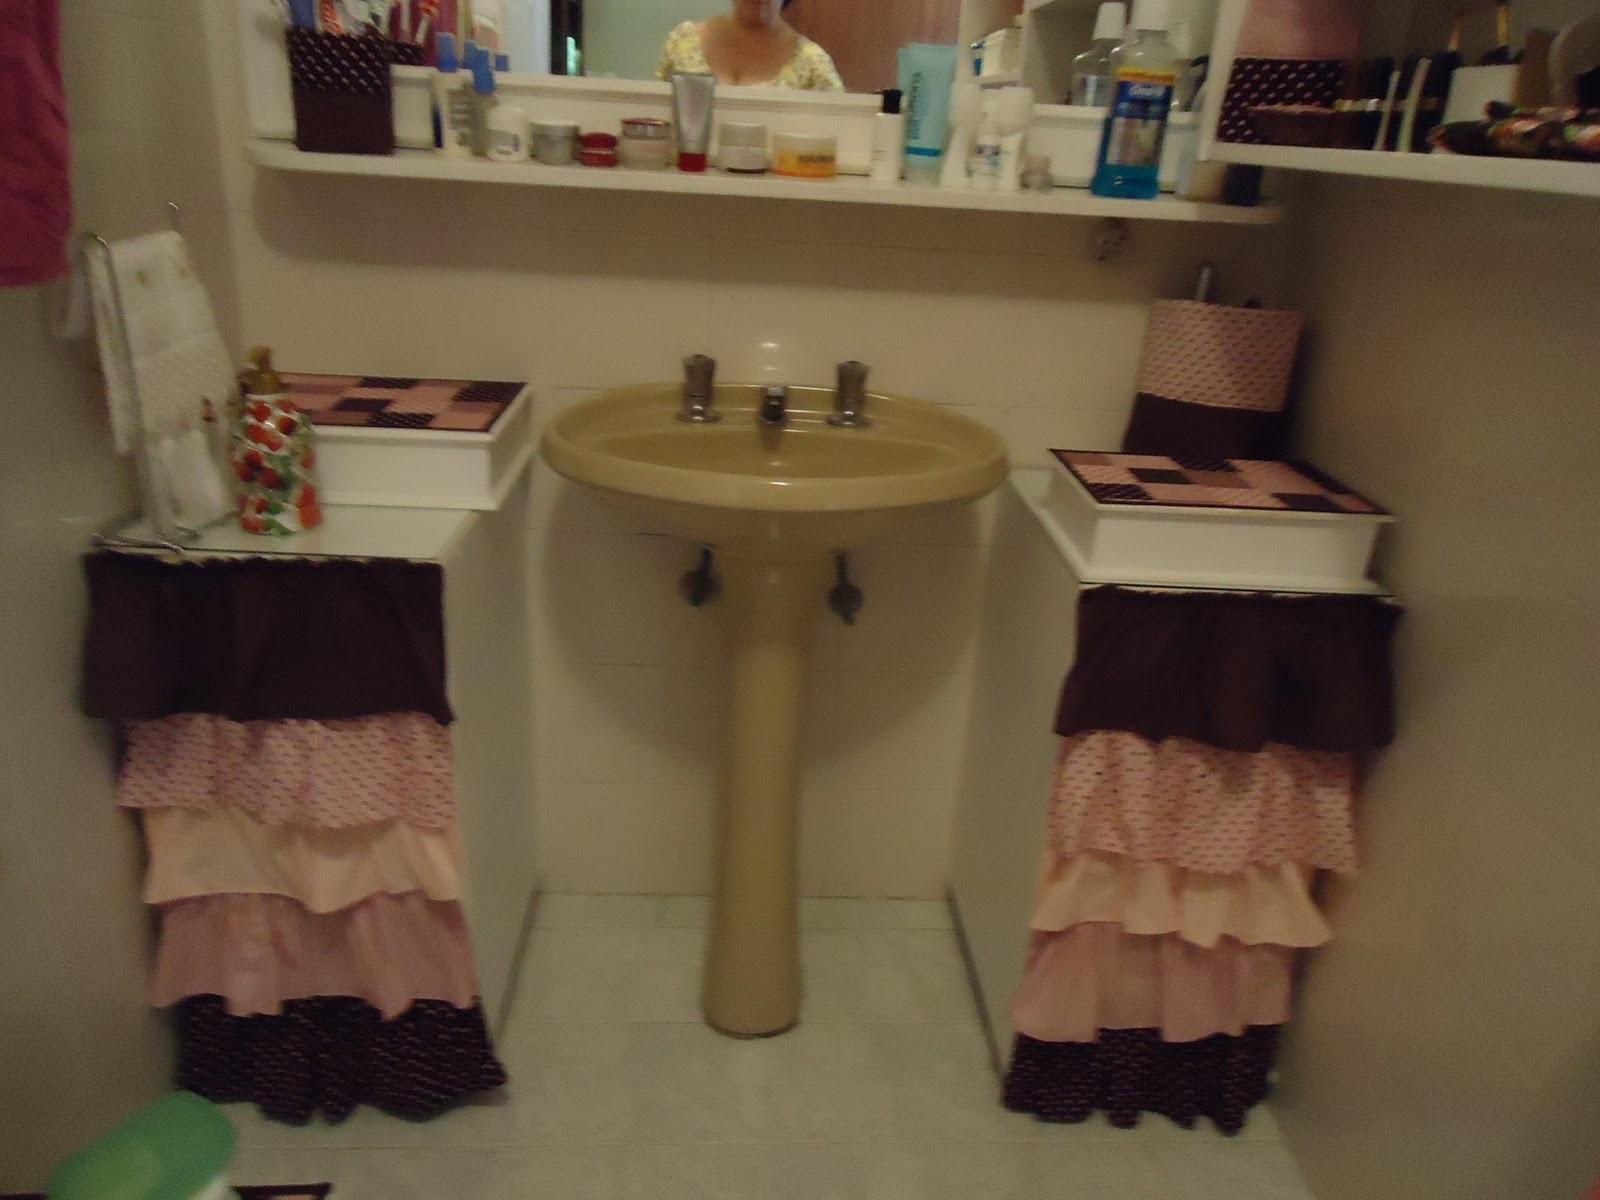 Coisas da Bruxinha: Redecorei meu banheiro gastando muito pouco !! #644B33 1600x1200 Banheiro De Pobre Bonito